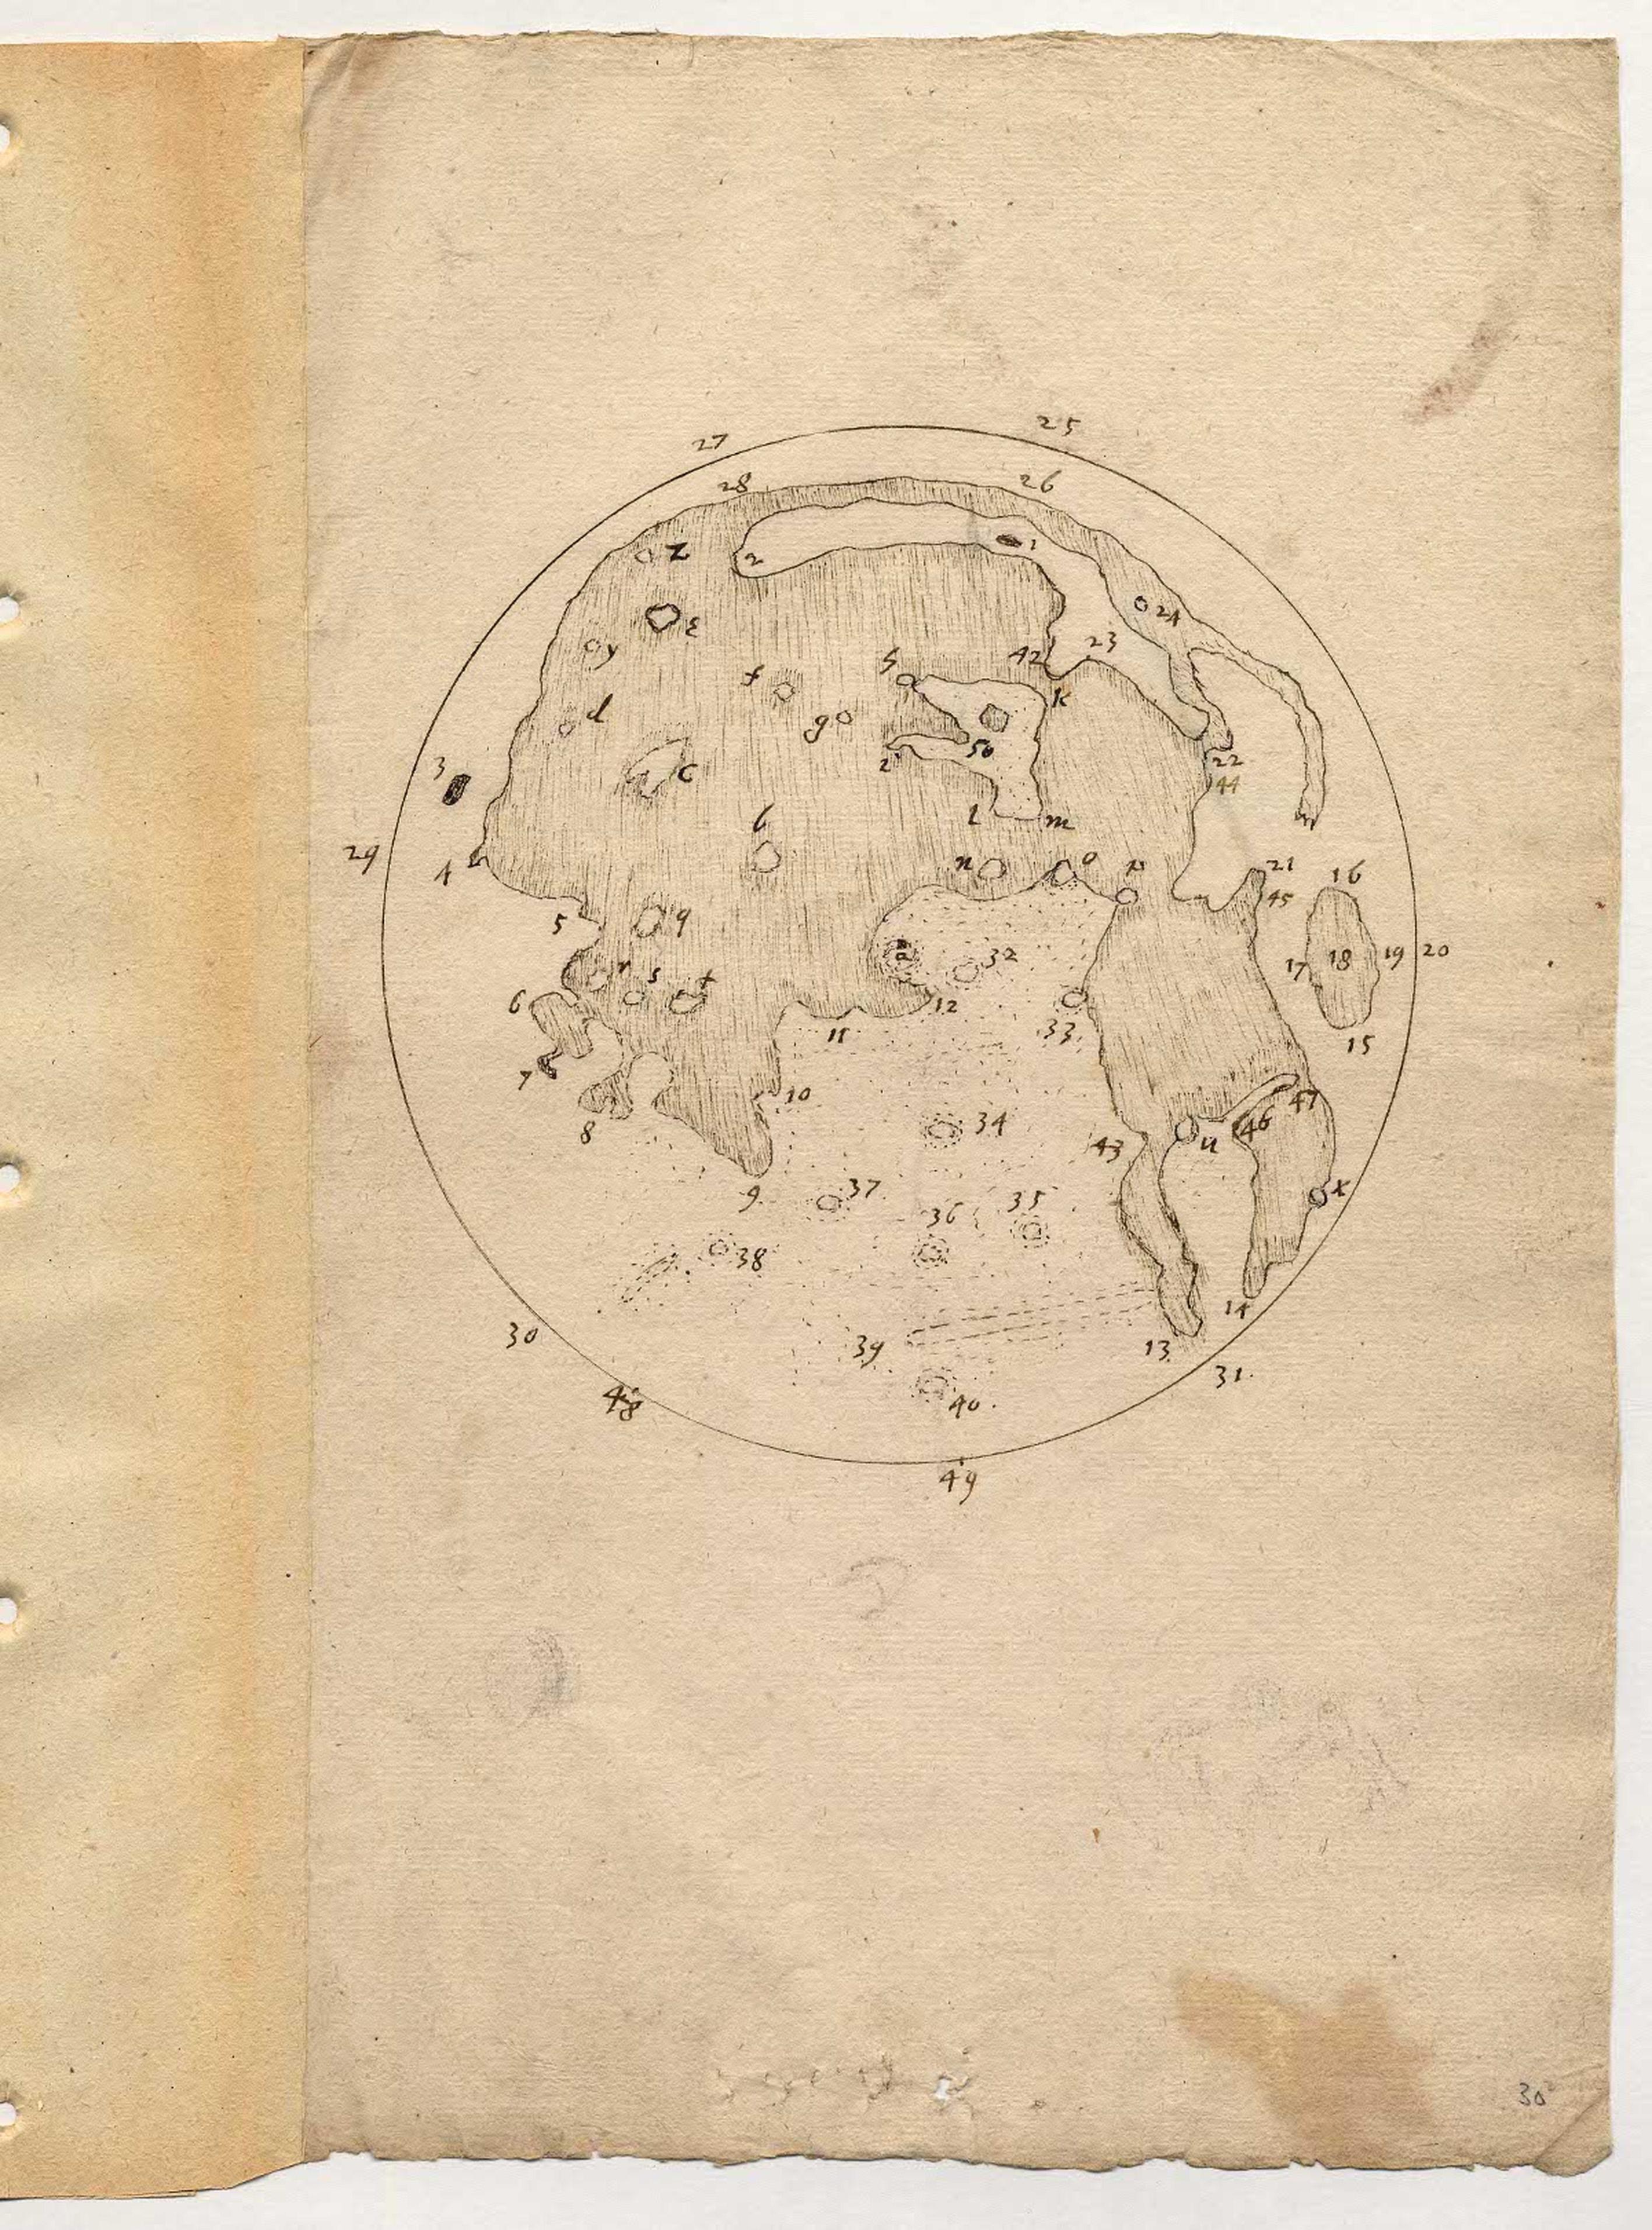 1613 harriot